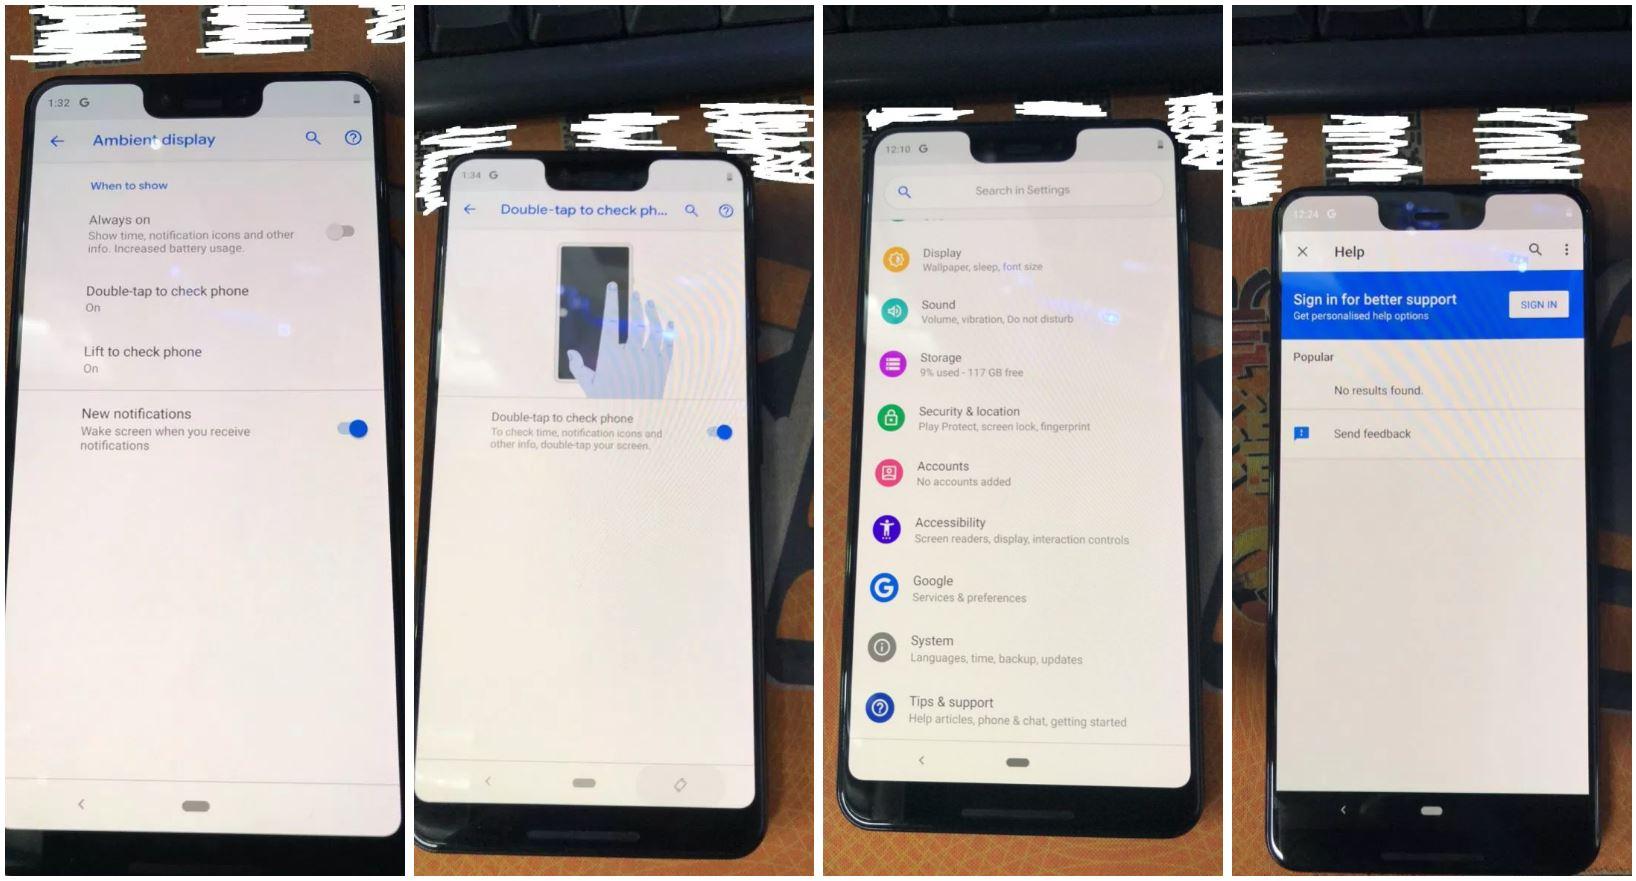 pixel 3 settings